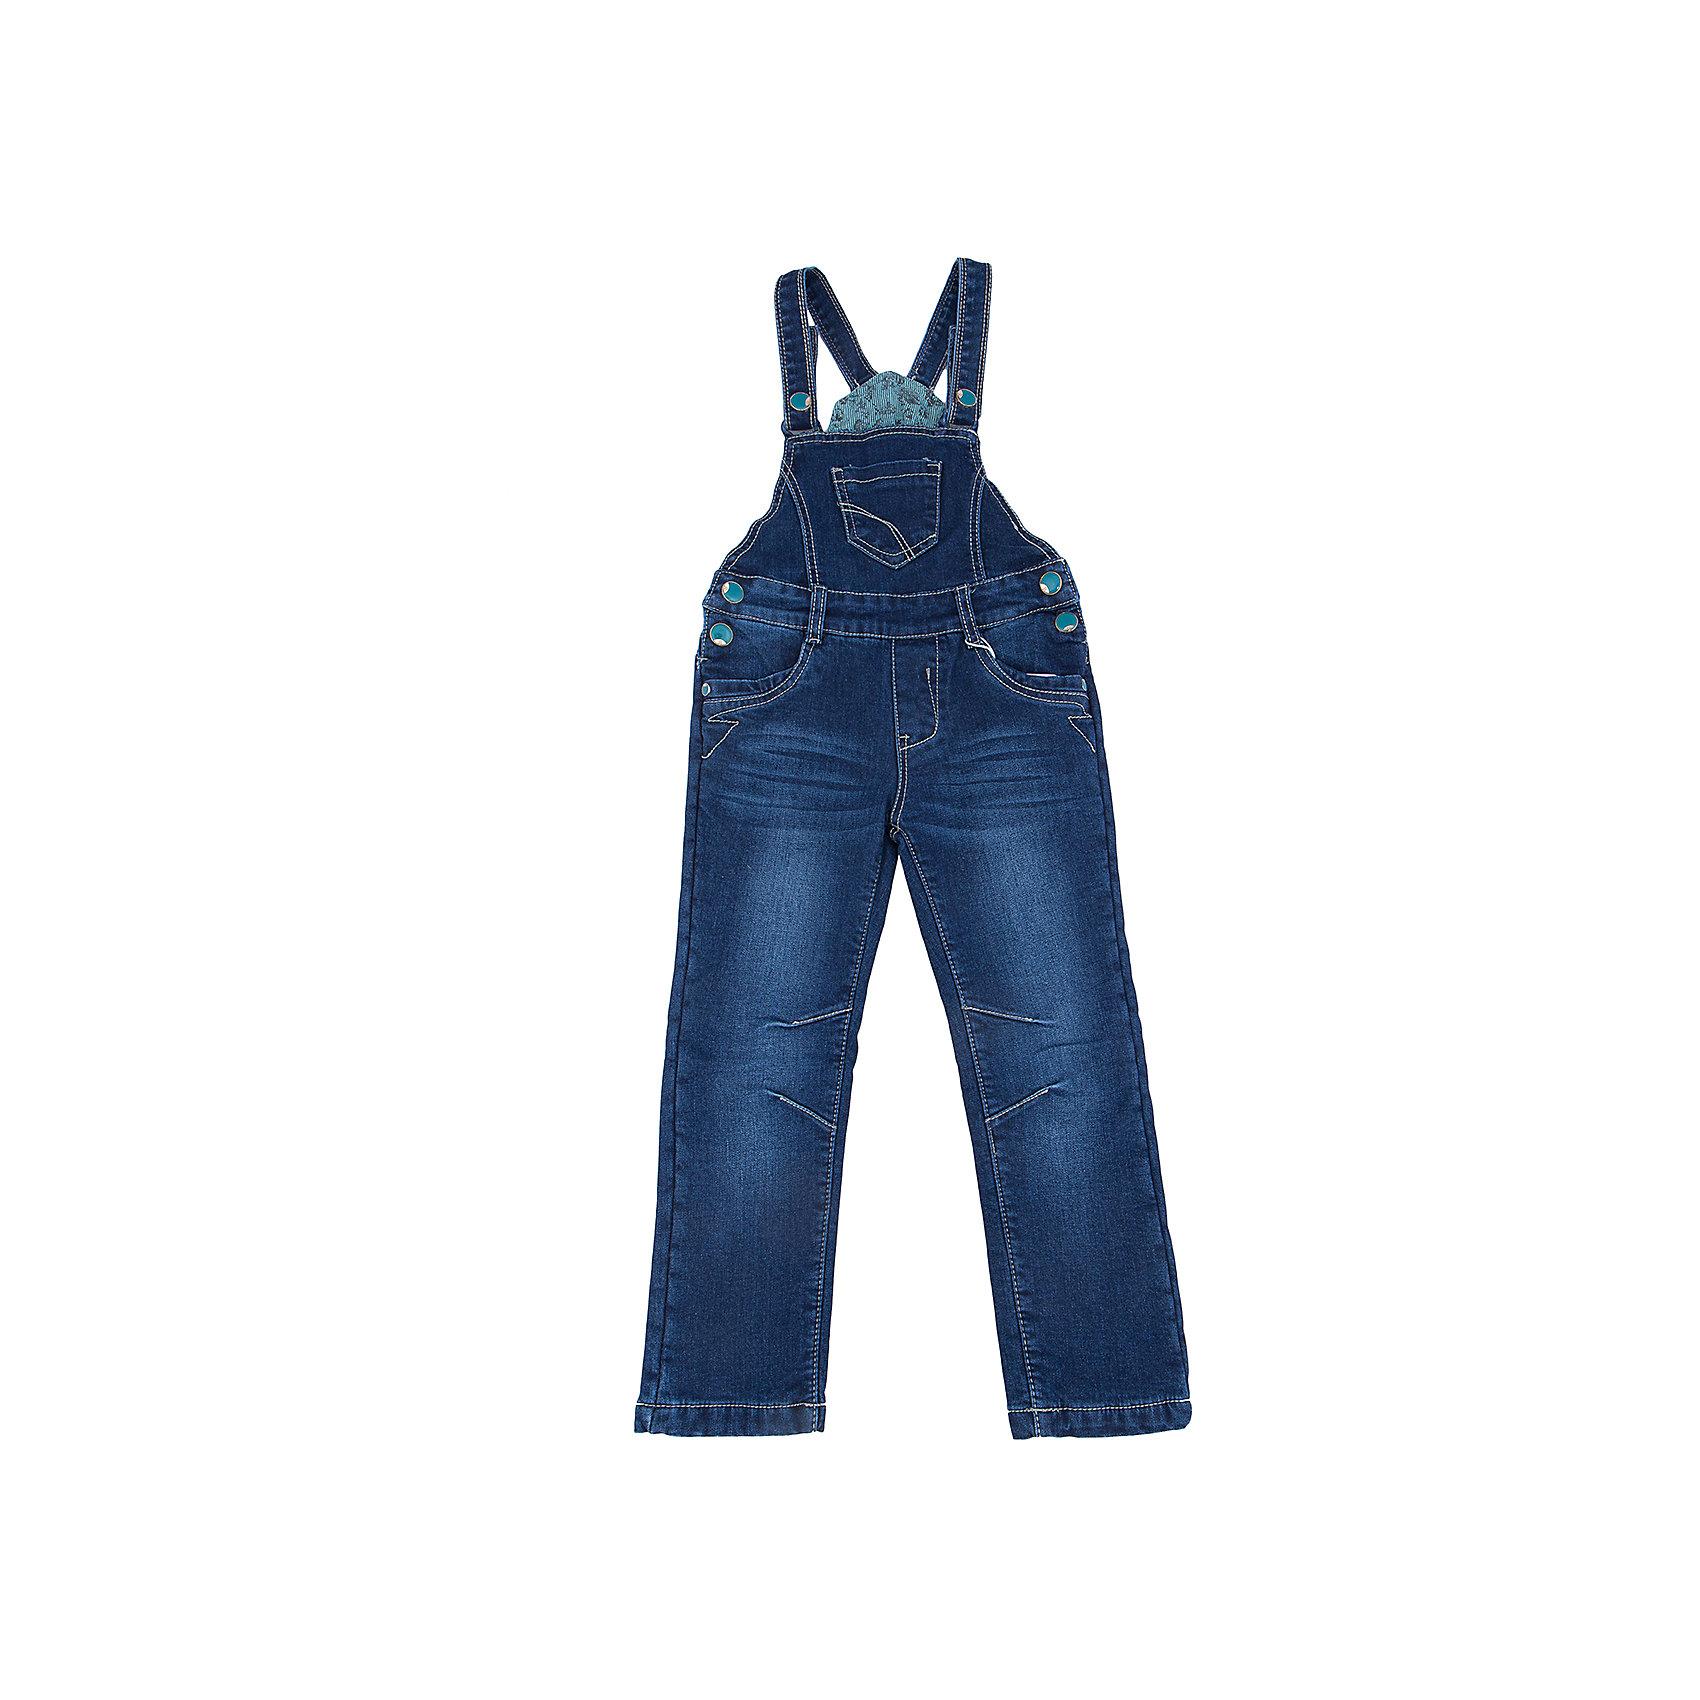 Комбинезон джинсовый для девочки Sweet BerryДжинсовая одежда<br>Такая модель полукомбинезона для девочки отличается модным дизайном и возможностью регулировать рамер. Удачный крой обеспечит ребенку комфорт и тепло. Мягкий и теплый флис в подкладке делает вещь идеальной для прохладной погоды. Она плотно прилегает к телу там, где нужно, и отлично сидит по фигуре. Полукомбинезон станет отличной базовой вещью для гардероба. Натуральный хлопок в составе материала обеспечит коже возможность дышать и не вызовет аллергии.<br>Одежда от бренда Sweet Berry - это простой и выгодный способ одеть ребенка удобно и стильно. Всё изделия тщательно проработаны: швы - прочные, материал - качественный, фурнитура - подобранная специально для детей. <br><br>Дополнительная информация:<br><br>цвет: синий;<br>карманы;<br>материал: верх - 98% хлопок, 2% эластан, подкладка - 100% полиэстер;<br>металлическая фурнитура.<br><br>Полукомбинезон для девочки от бренда Sweet Berry можно купить в нашем интернет-магазине.<br><br>Ширина мм: 215<br>Глубина мм: 88<br>Высота мм: 191<br>Вес г: 336<br>Цвет: синий<br>Возраст от месяцев: 24<br>Возраст до месяцев: 36<br>Пол: Женский<br>Возраст: Детский<br>Размер: 98,116,122,128,104,110<br>SKU: 4931560